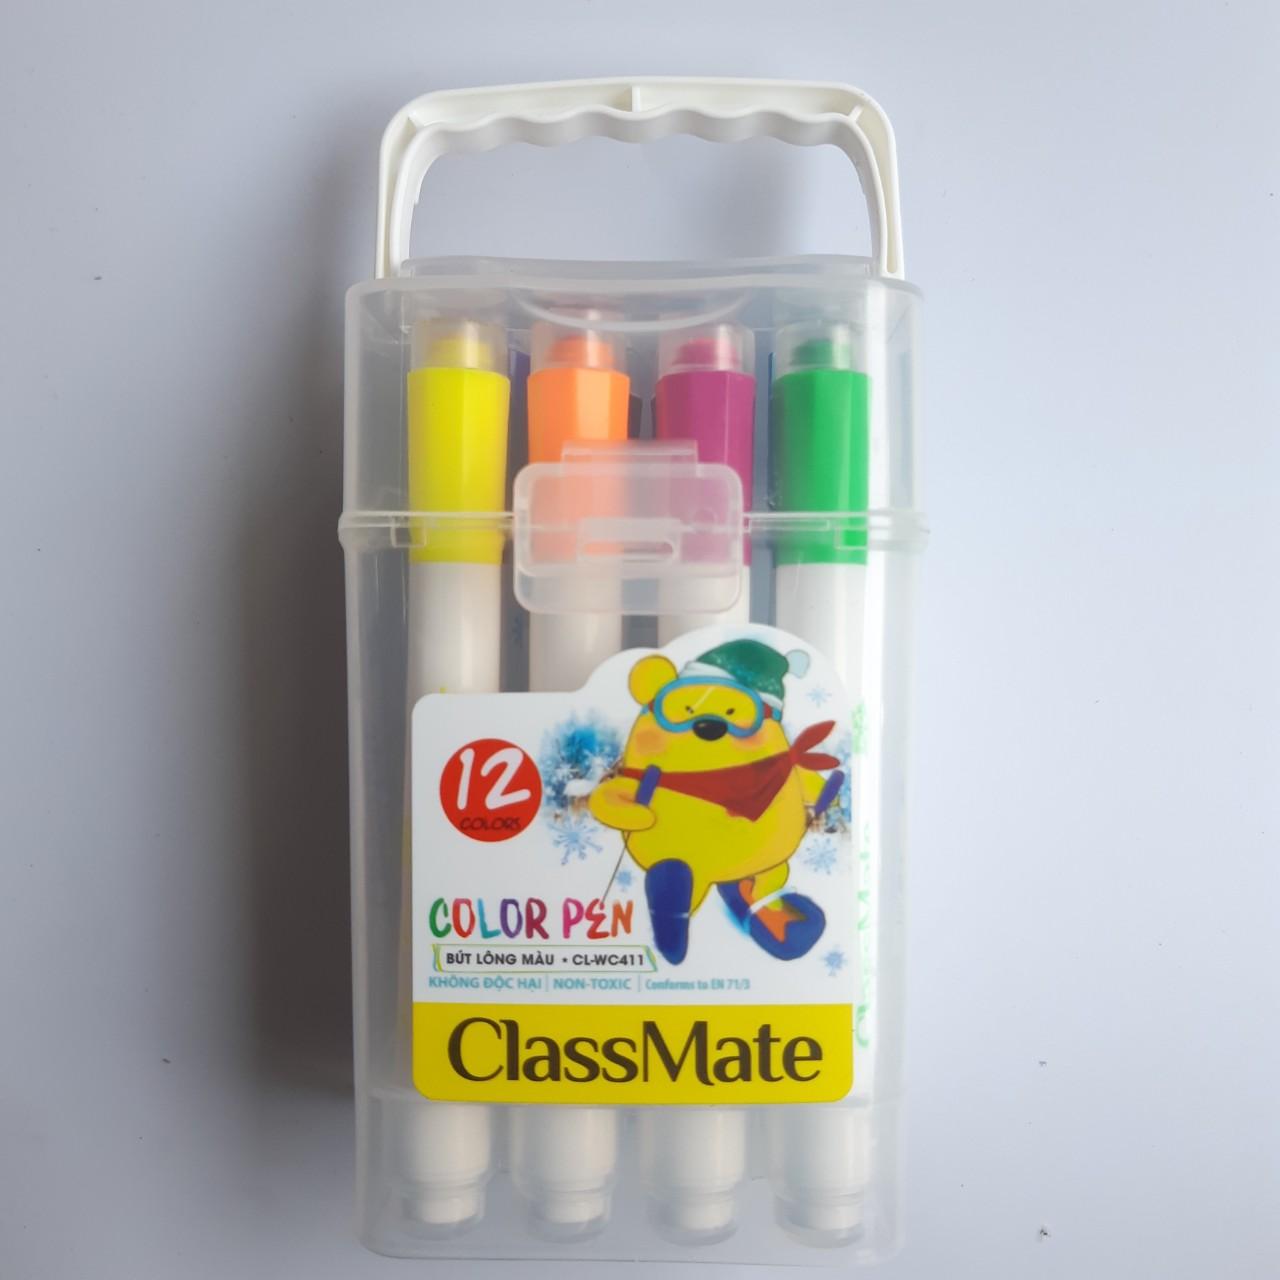 Bút lông màu Classmate